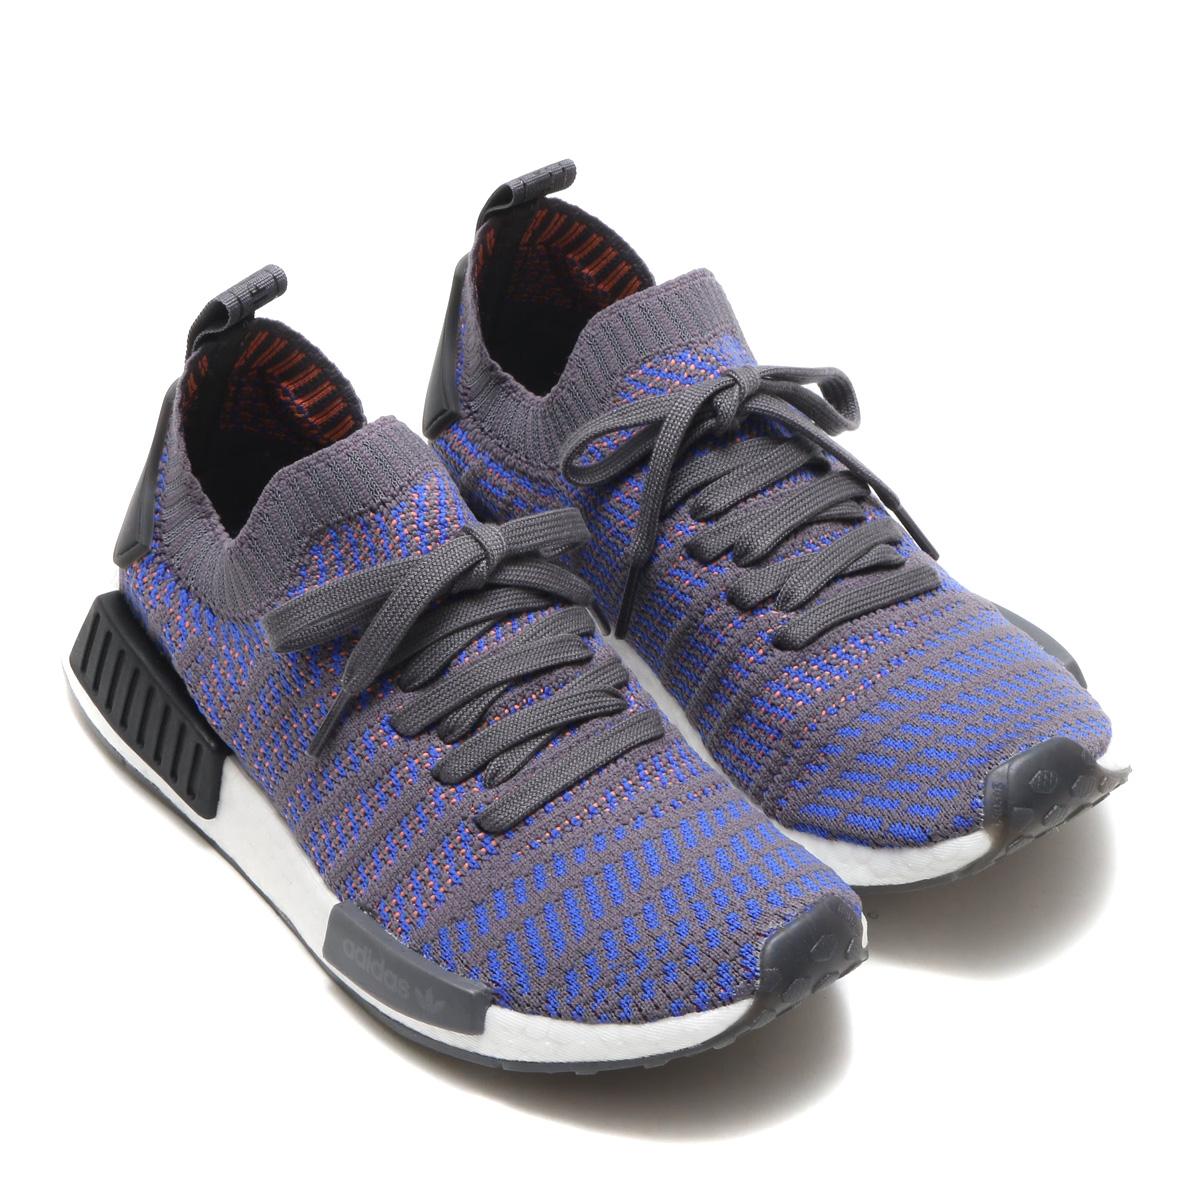 最新エルメス adidas Originals NMD Hi-Res_R1 STLT PK(アディダス オリジナルス Black/Chalk オリジナルス エヌエムディー R1 STLT PK) Hi-Res Blue/Core Black/Chalk Coral18SS-I, おかきのげんぶ堂:87ca34f8 --- paulogalvao.com